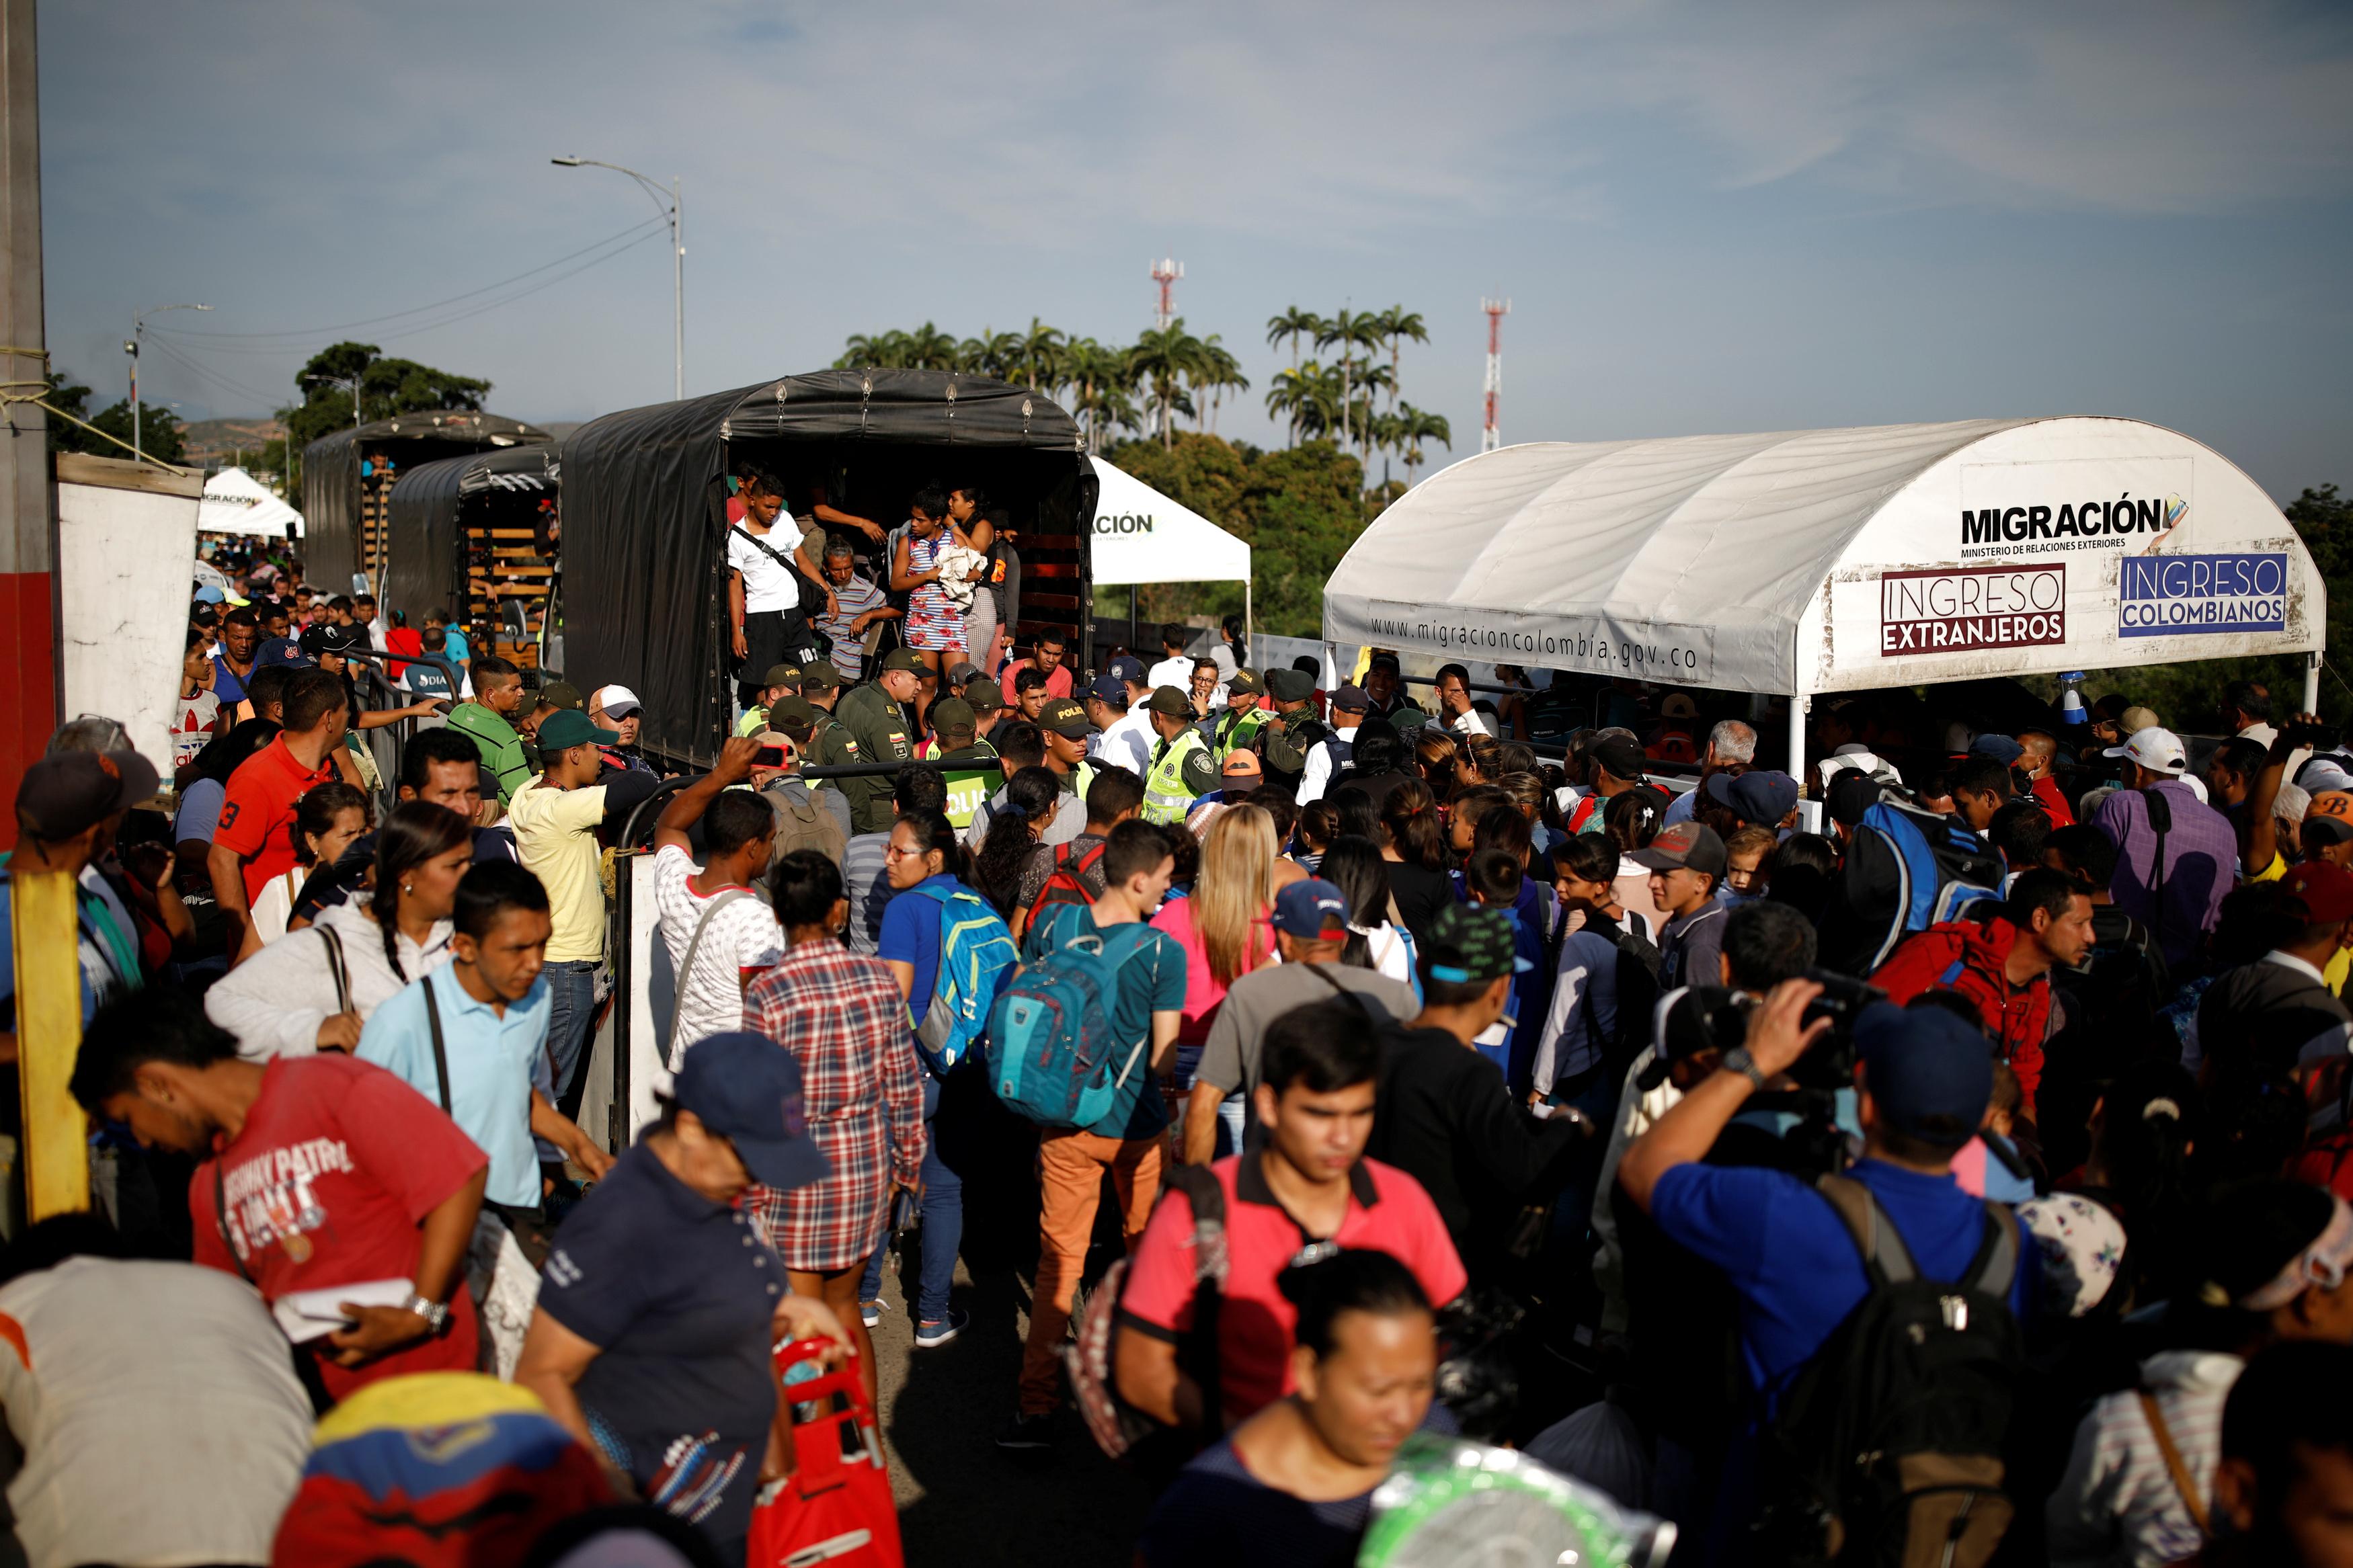 Migración de venezolanos crece a 3 millones de personas